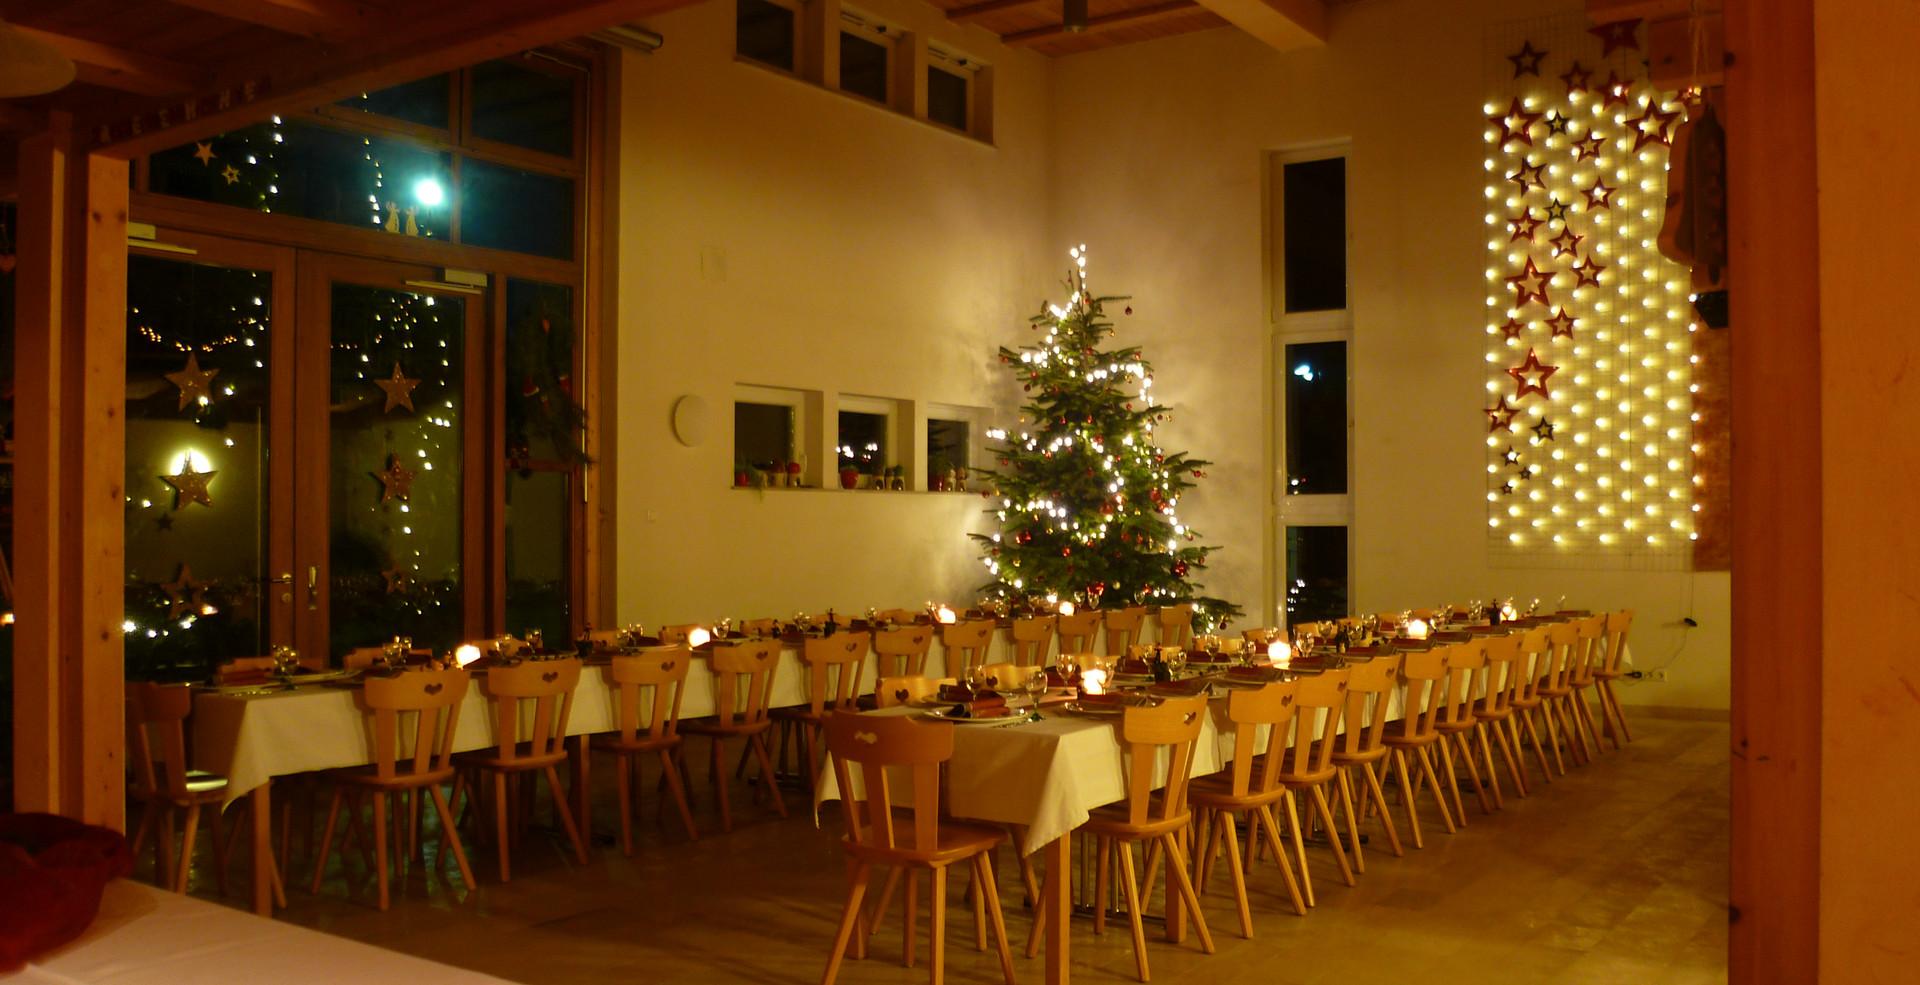 Saal_Weihnachten.JPG